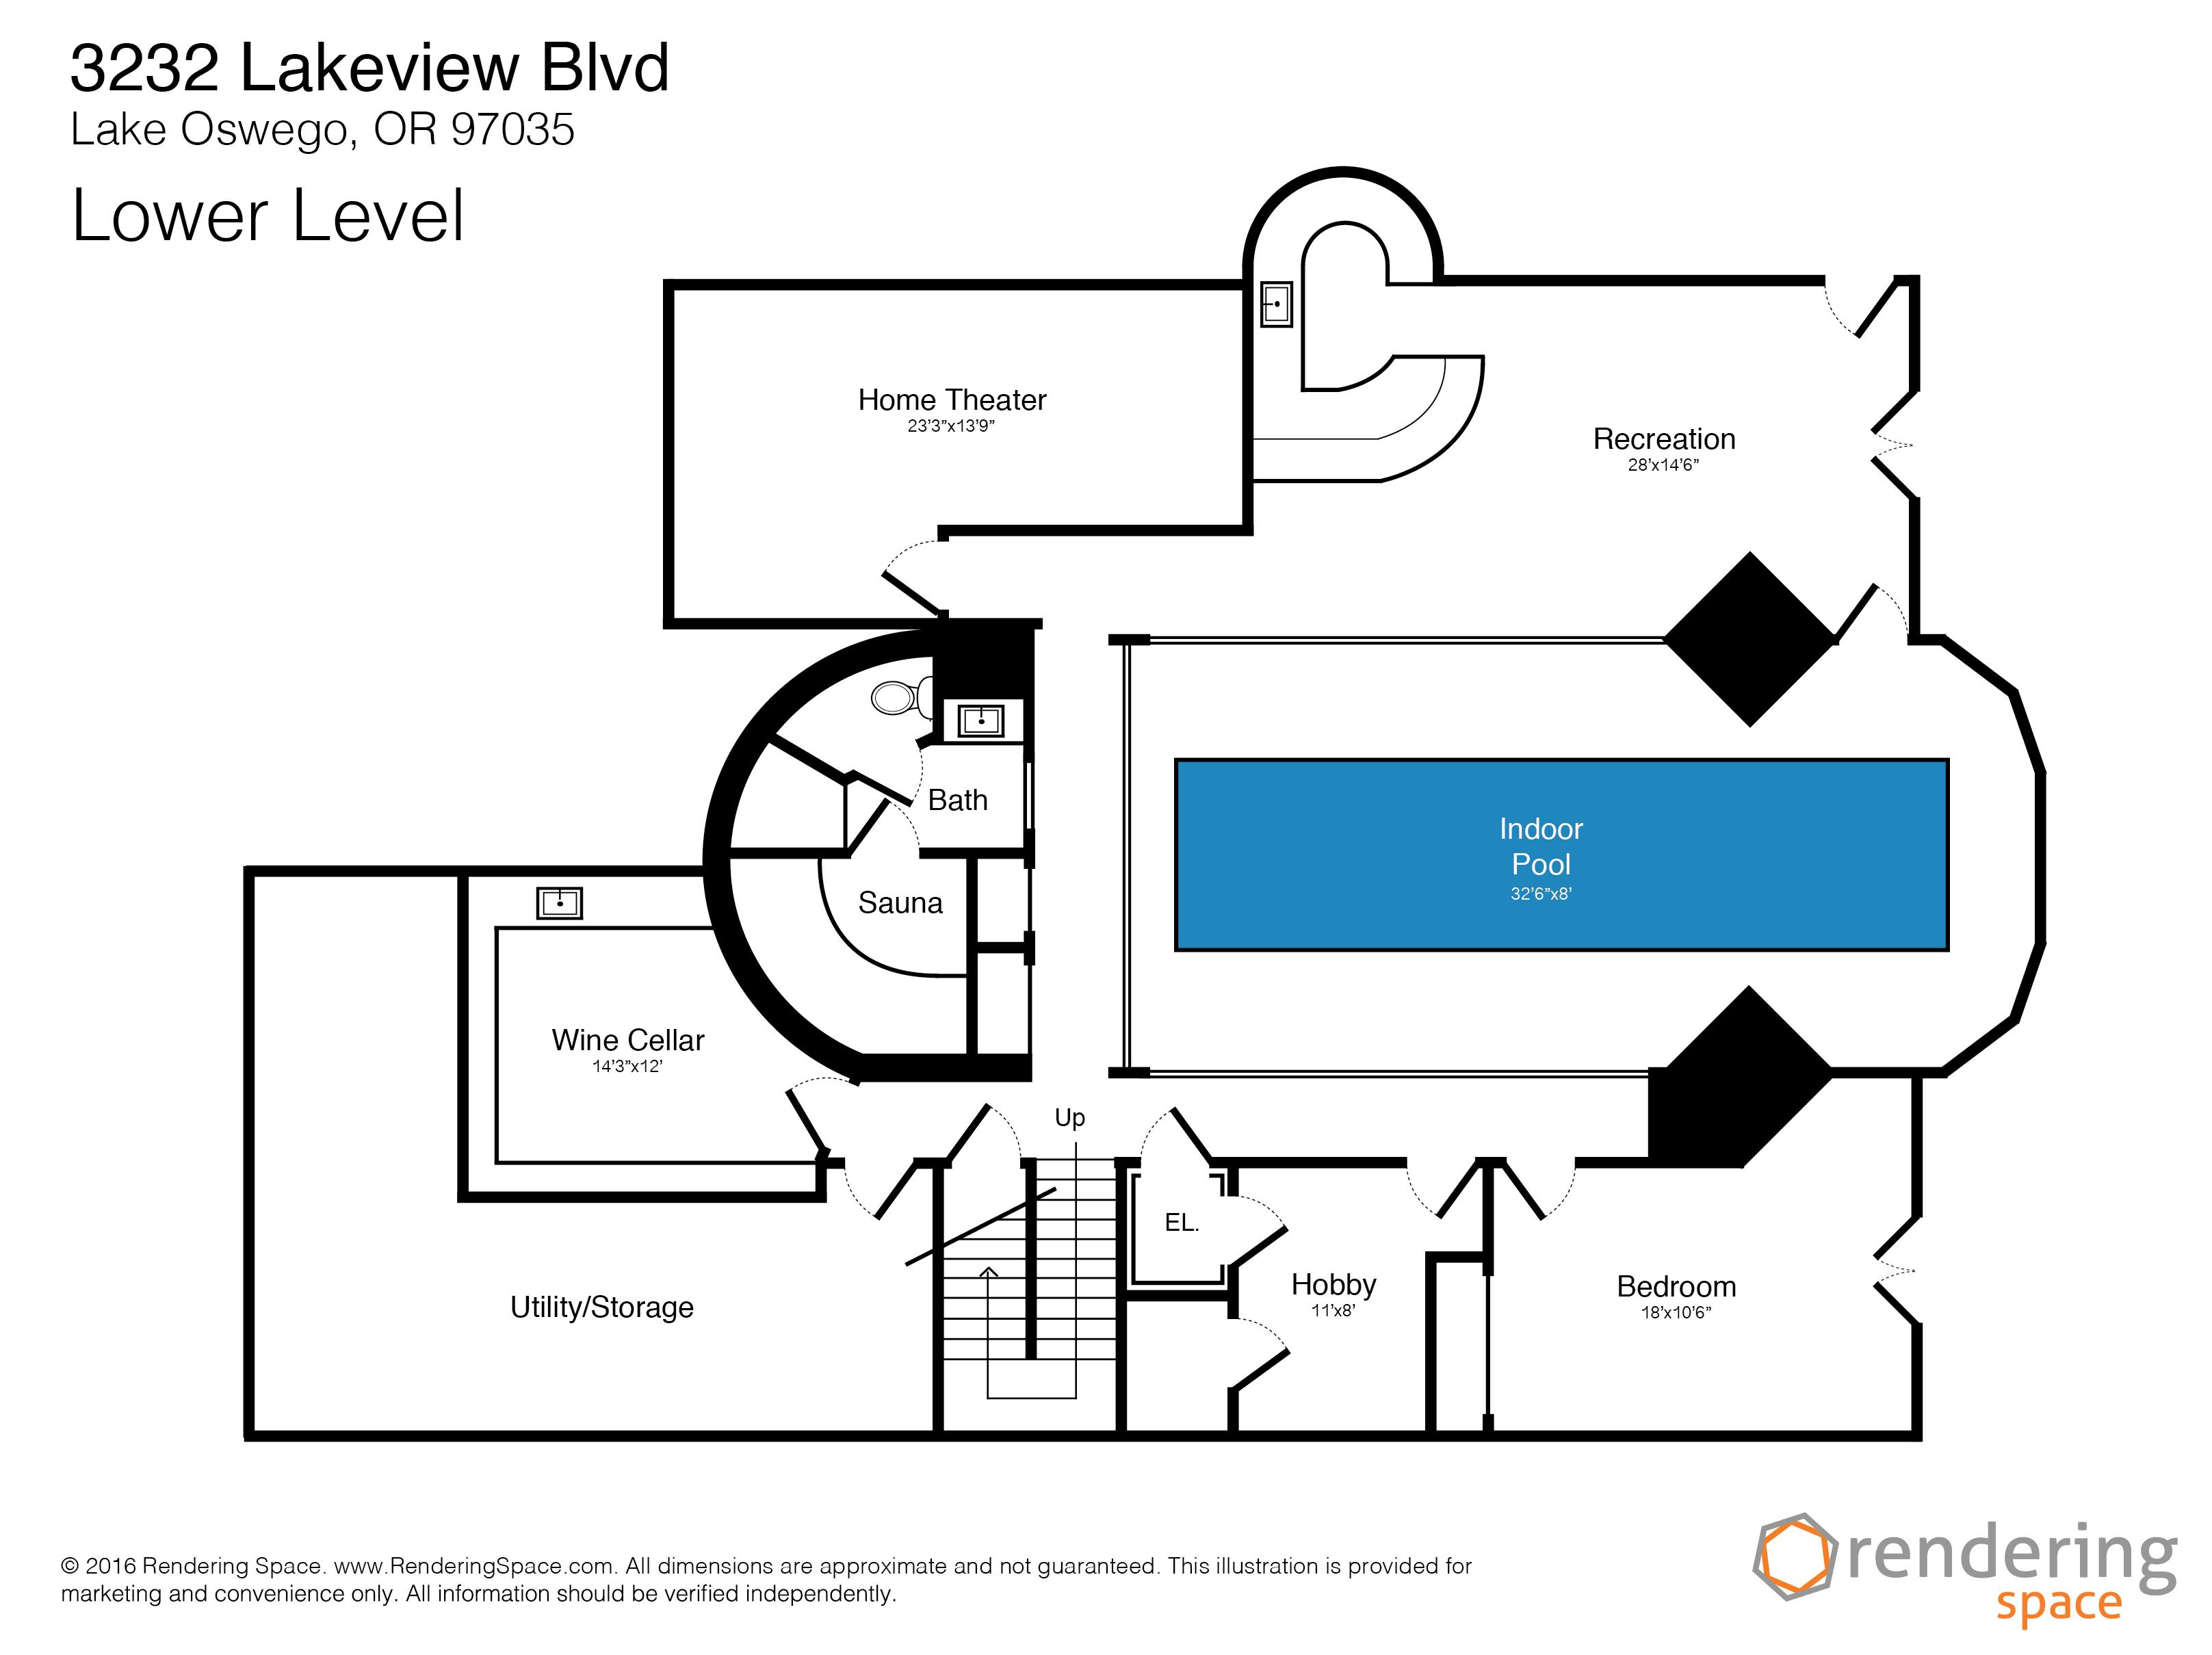 Rendering Space Floor Plans